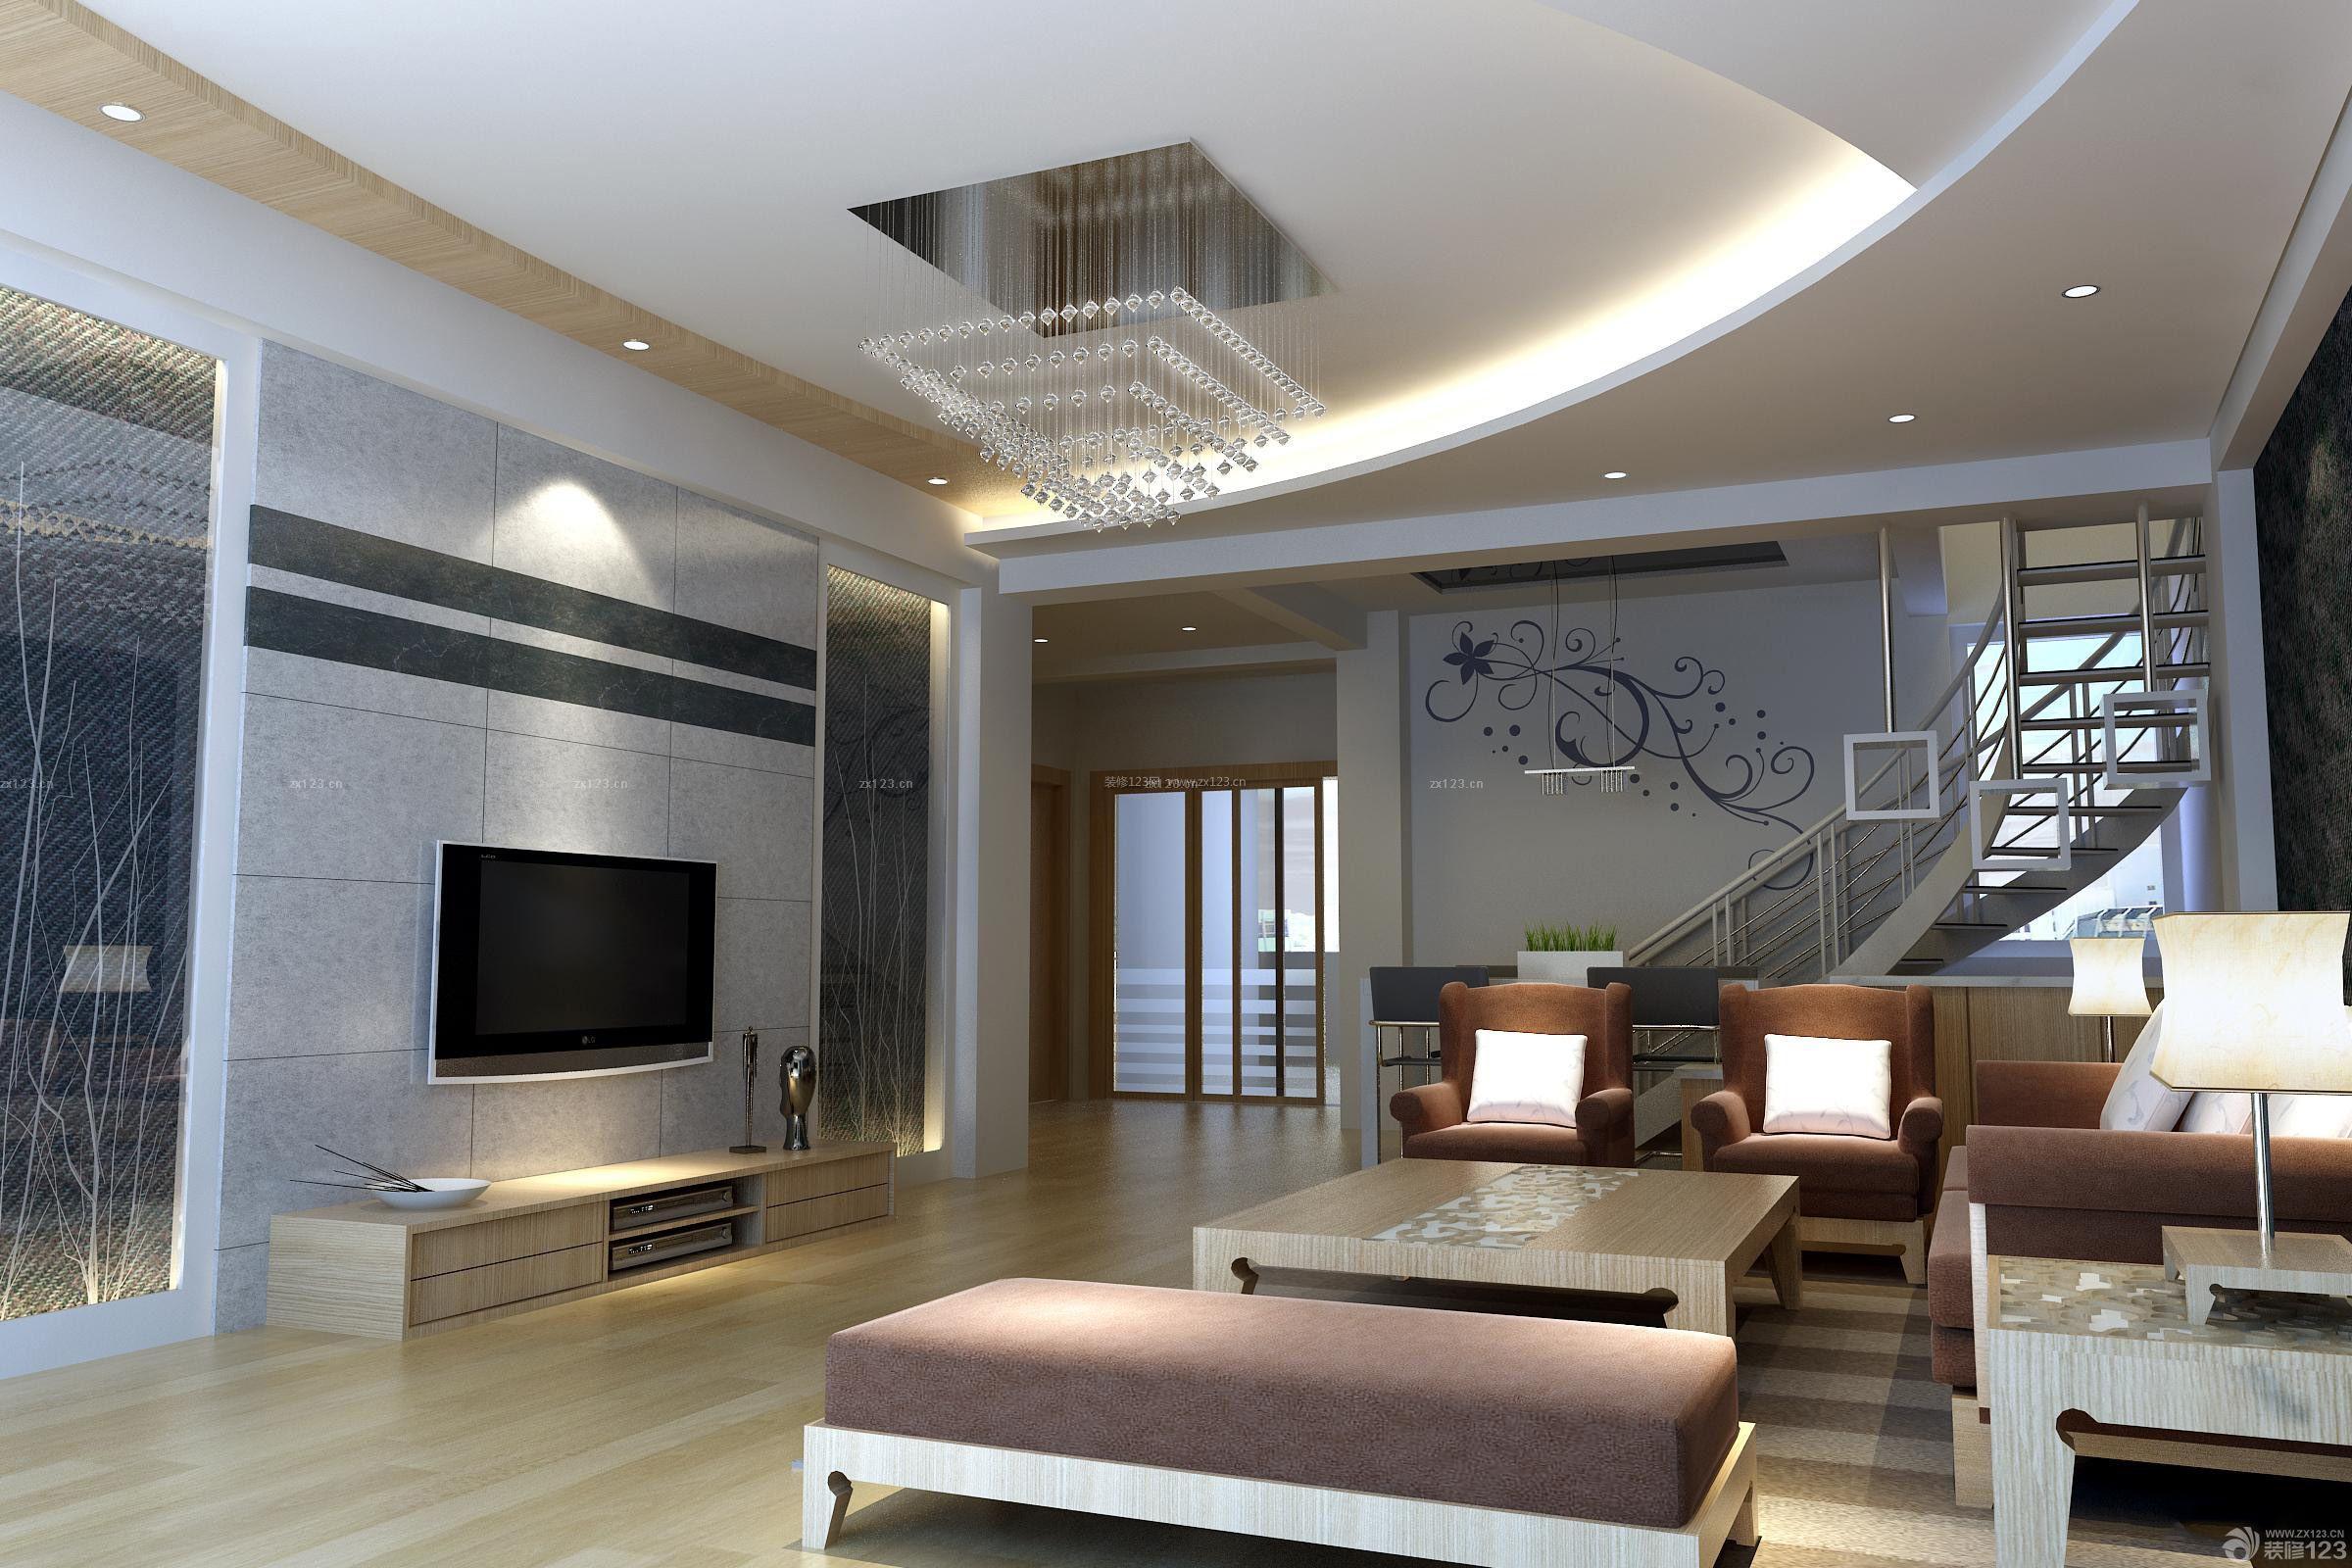 90平米复式房子家居客厅装修图